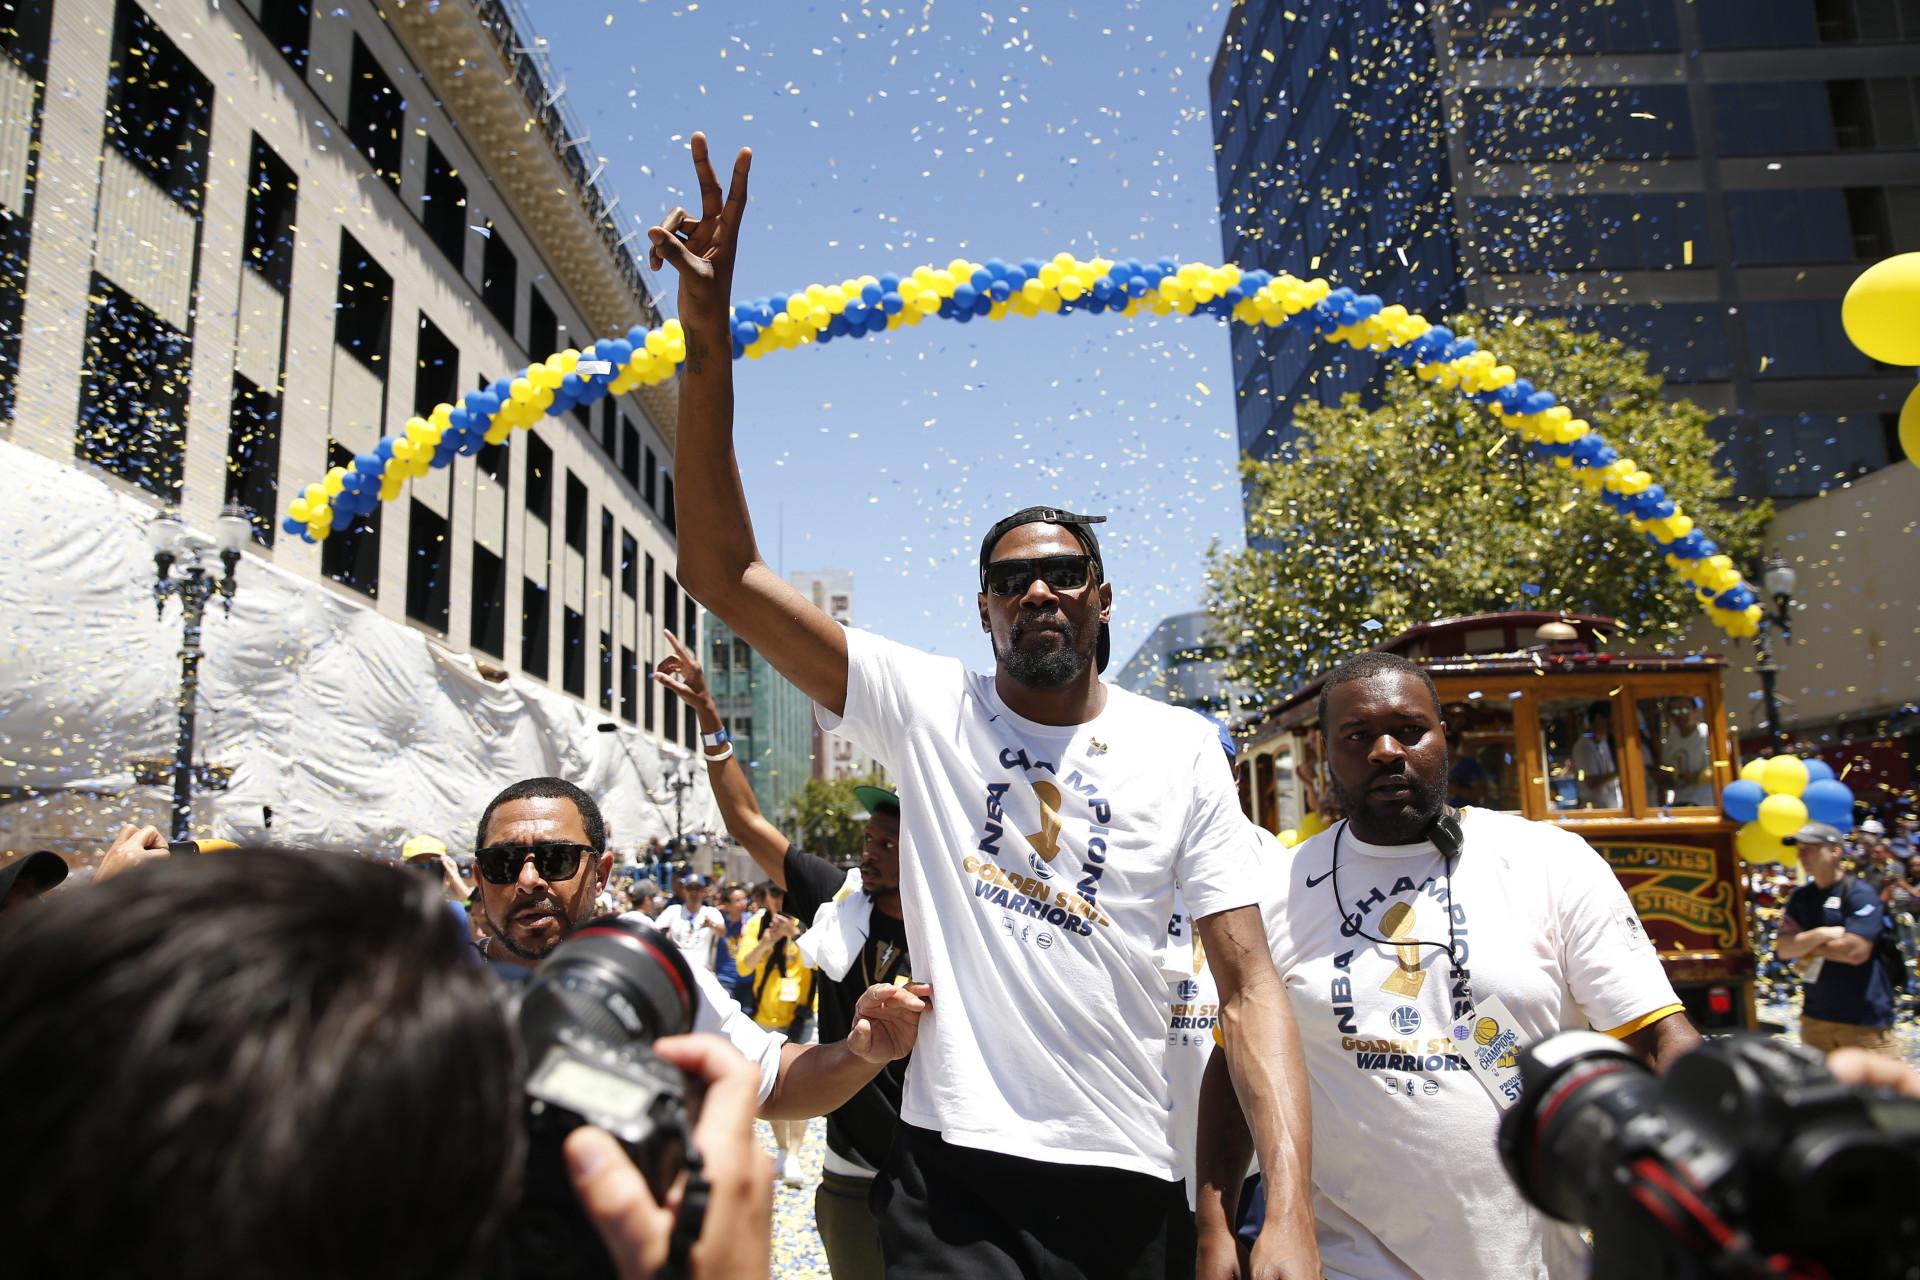 Campeões da NBA gastaram mais de... 500 mil dólares em álcool